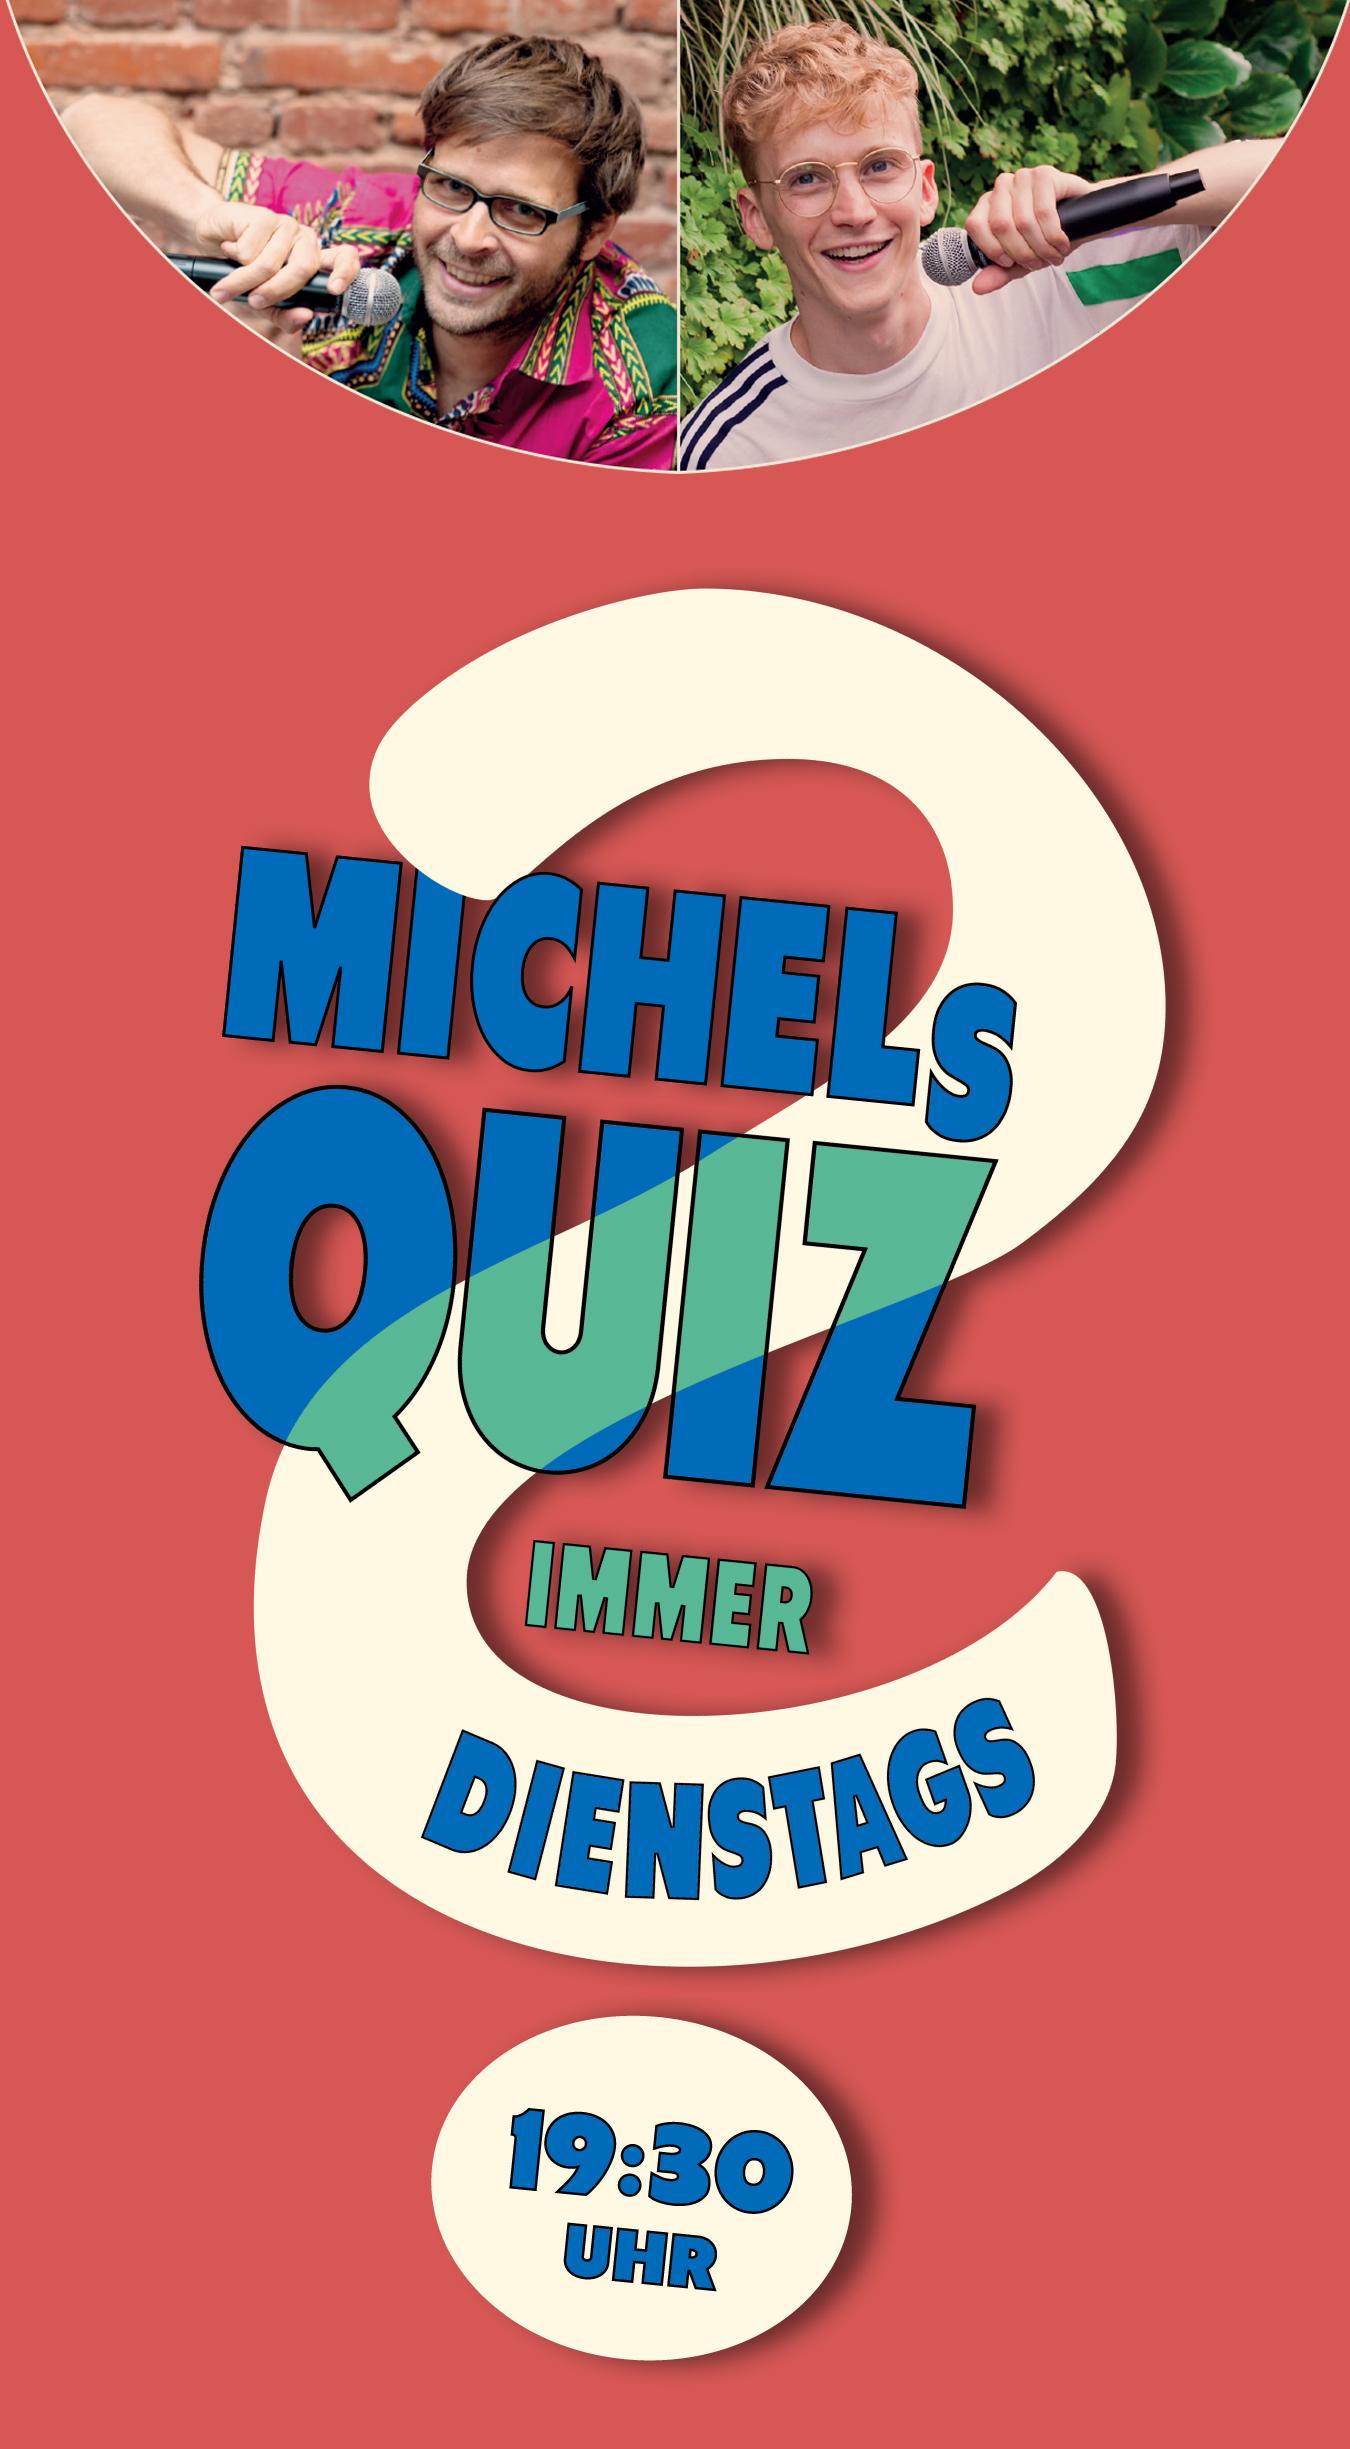 Michels Quiz in Freiburg im hier und jetzt am Turmcafe